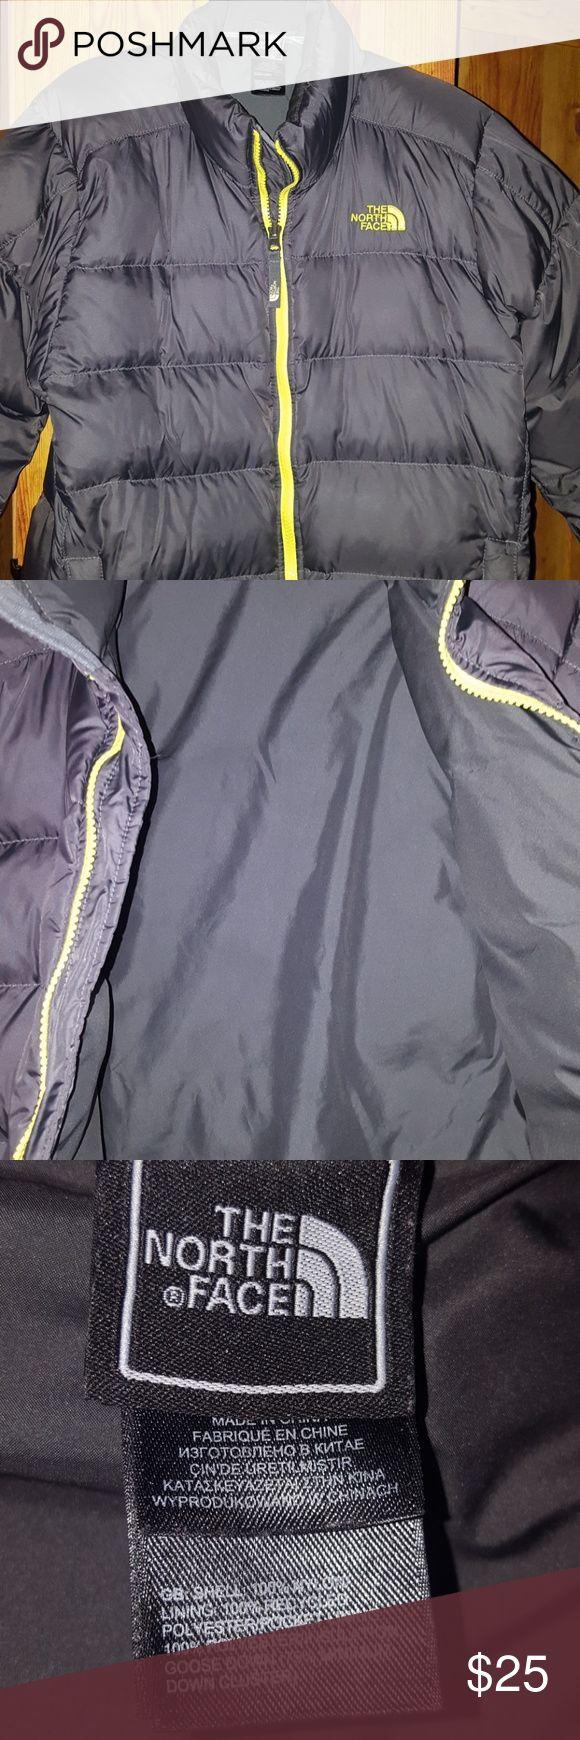 Boys The North Face winter coat Like new boys puffy winter coat. The North Face brand. Size Large (14/16) Jackets & Coats